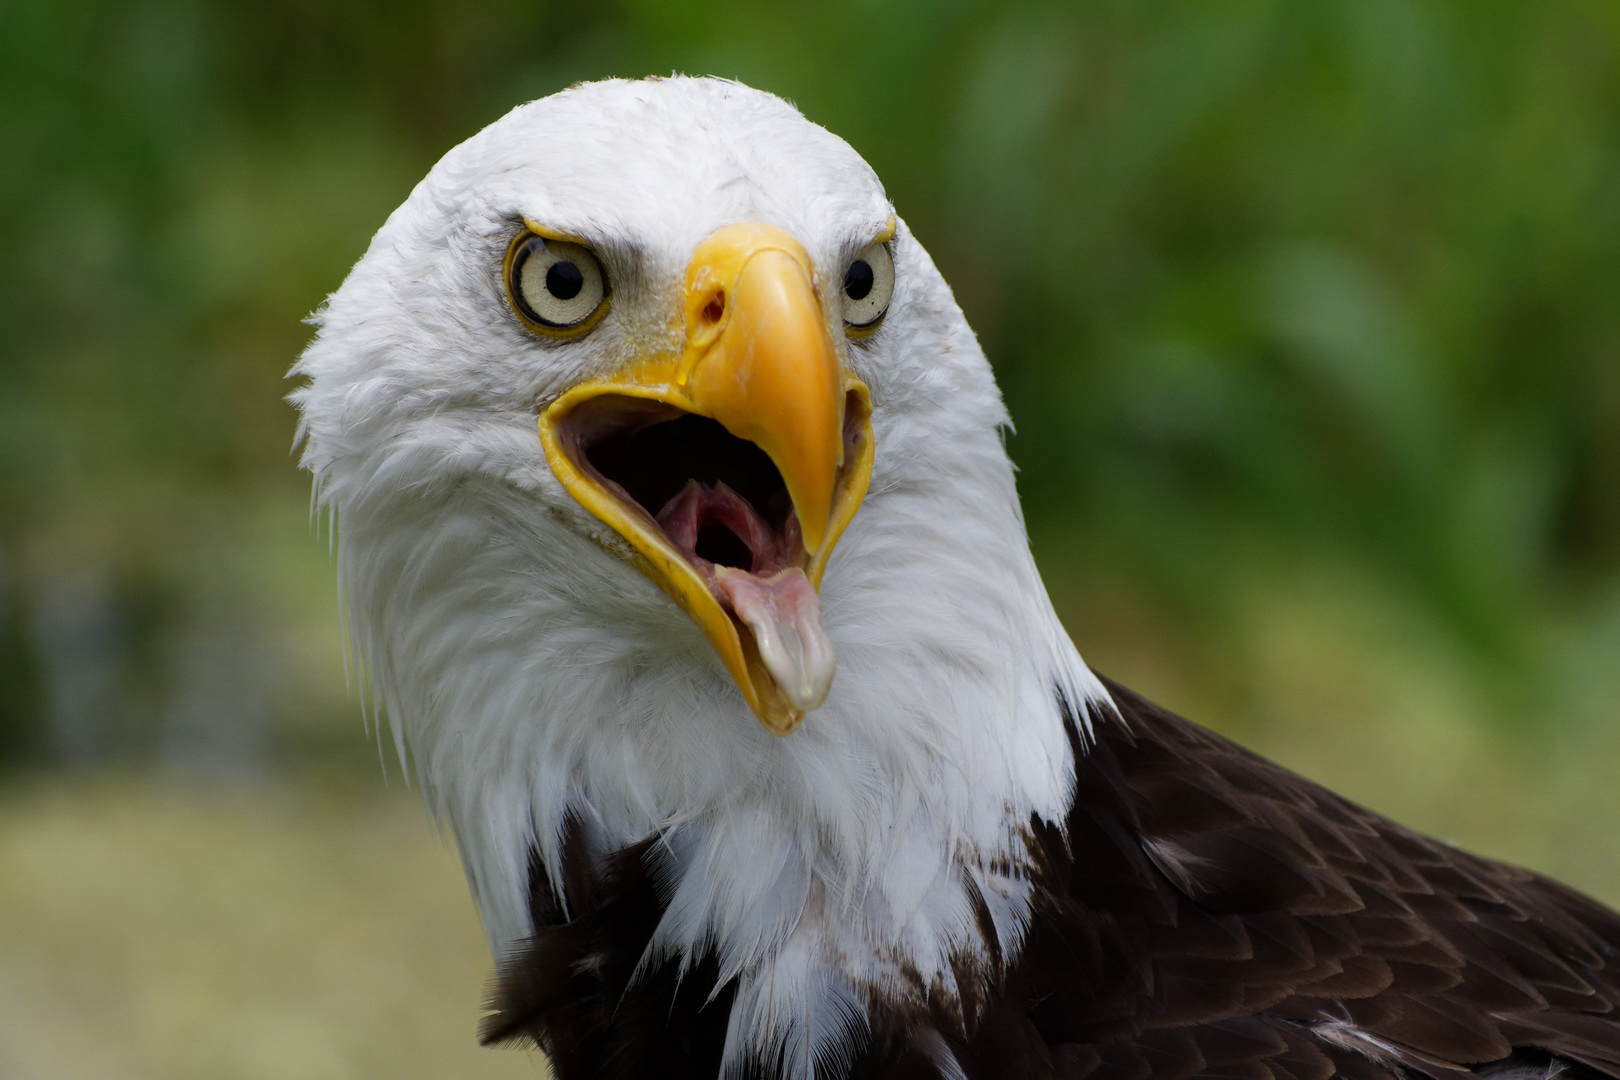 Bruce the bald eagle